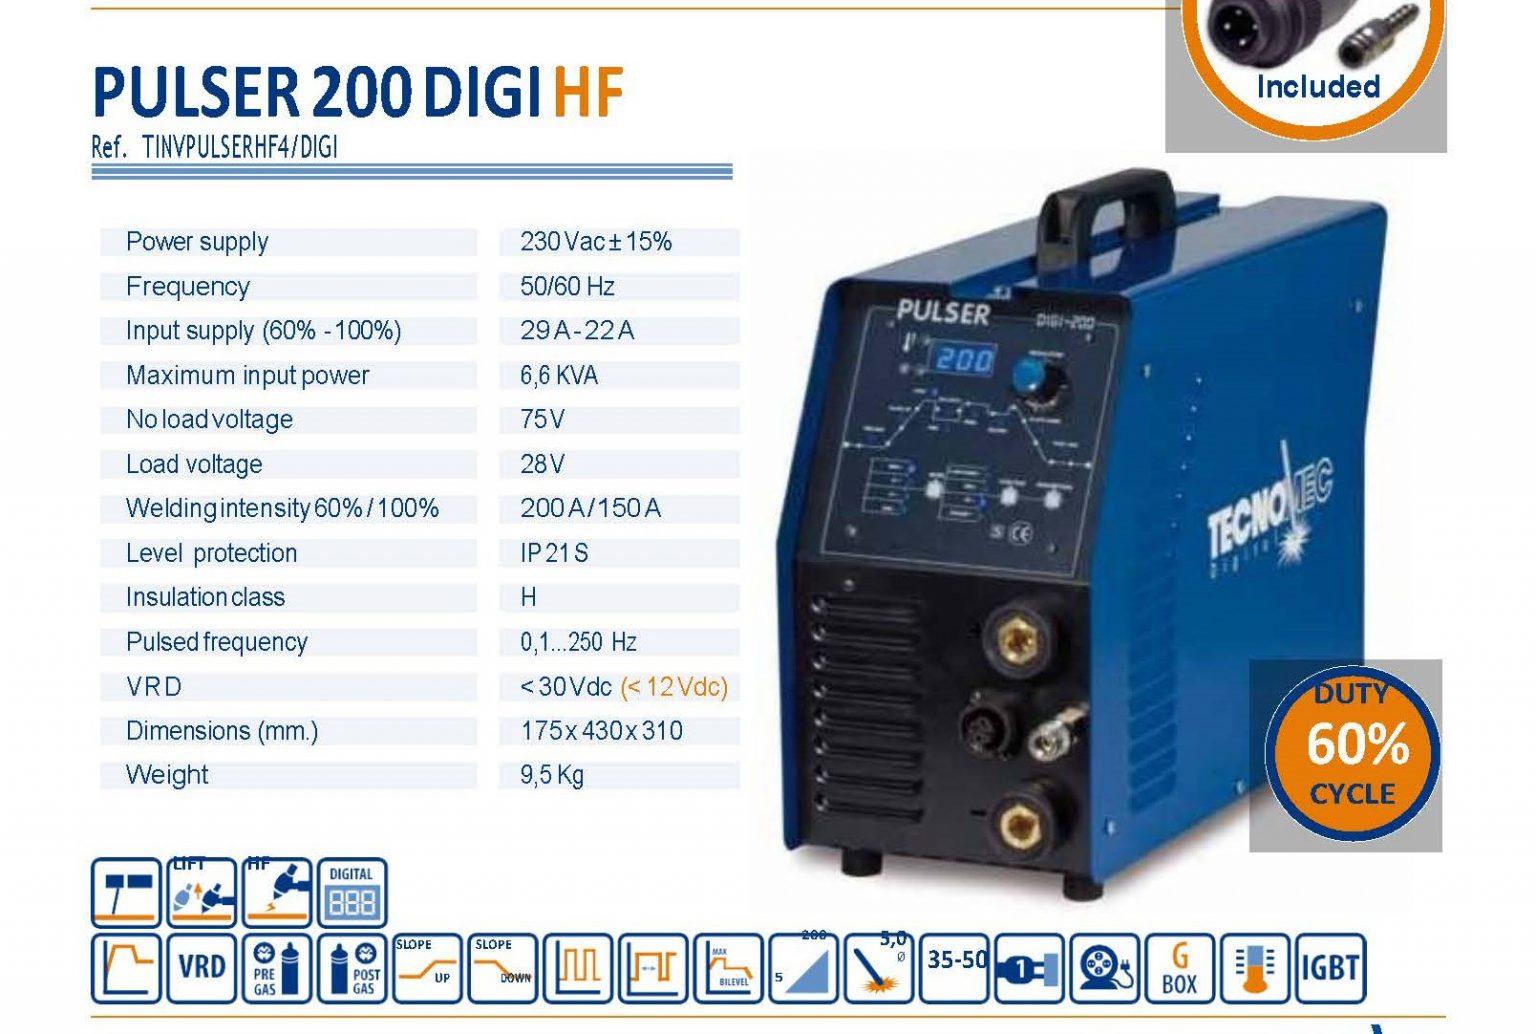 Pulser 200 Digi